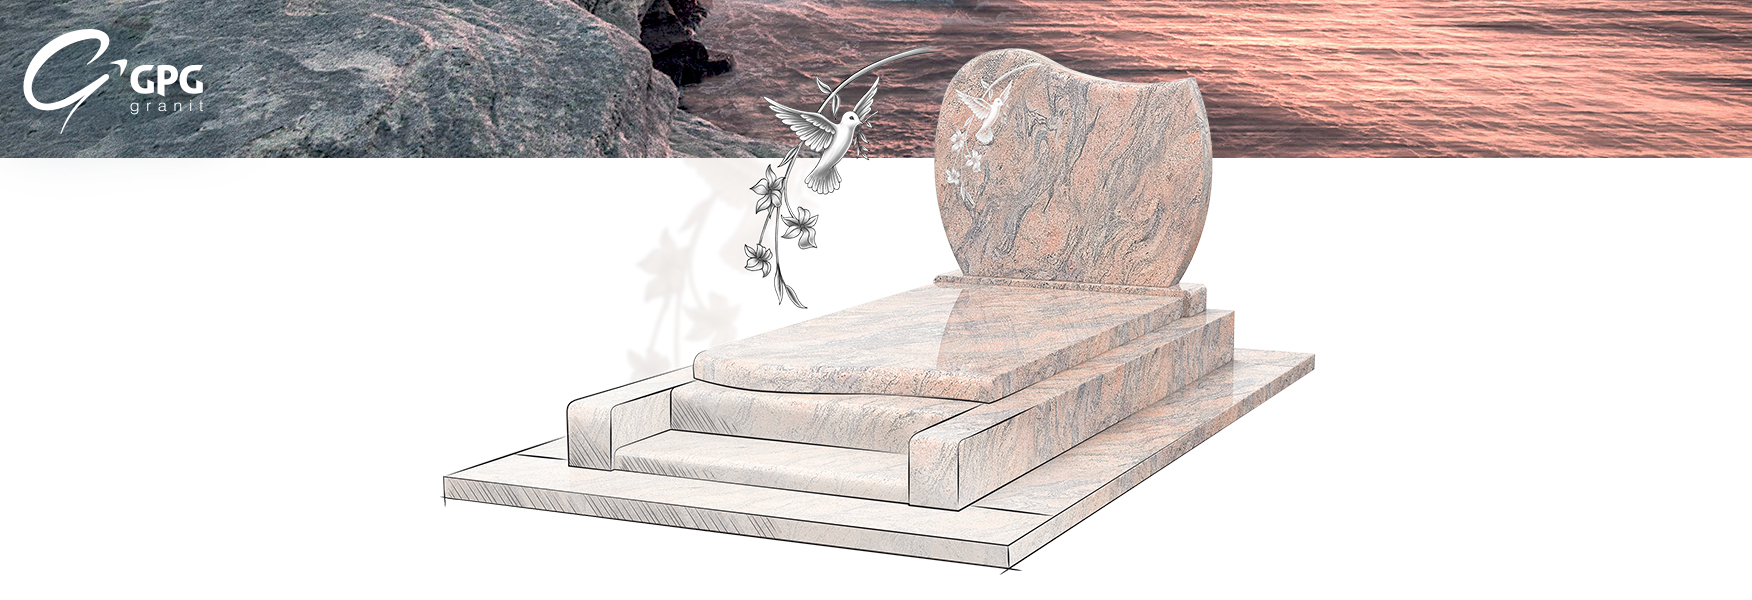 Zoom sur un monument funéraire incontournable